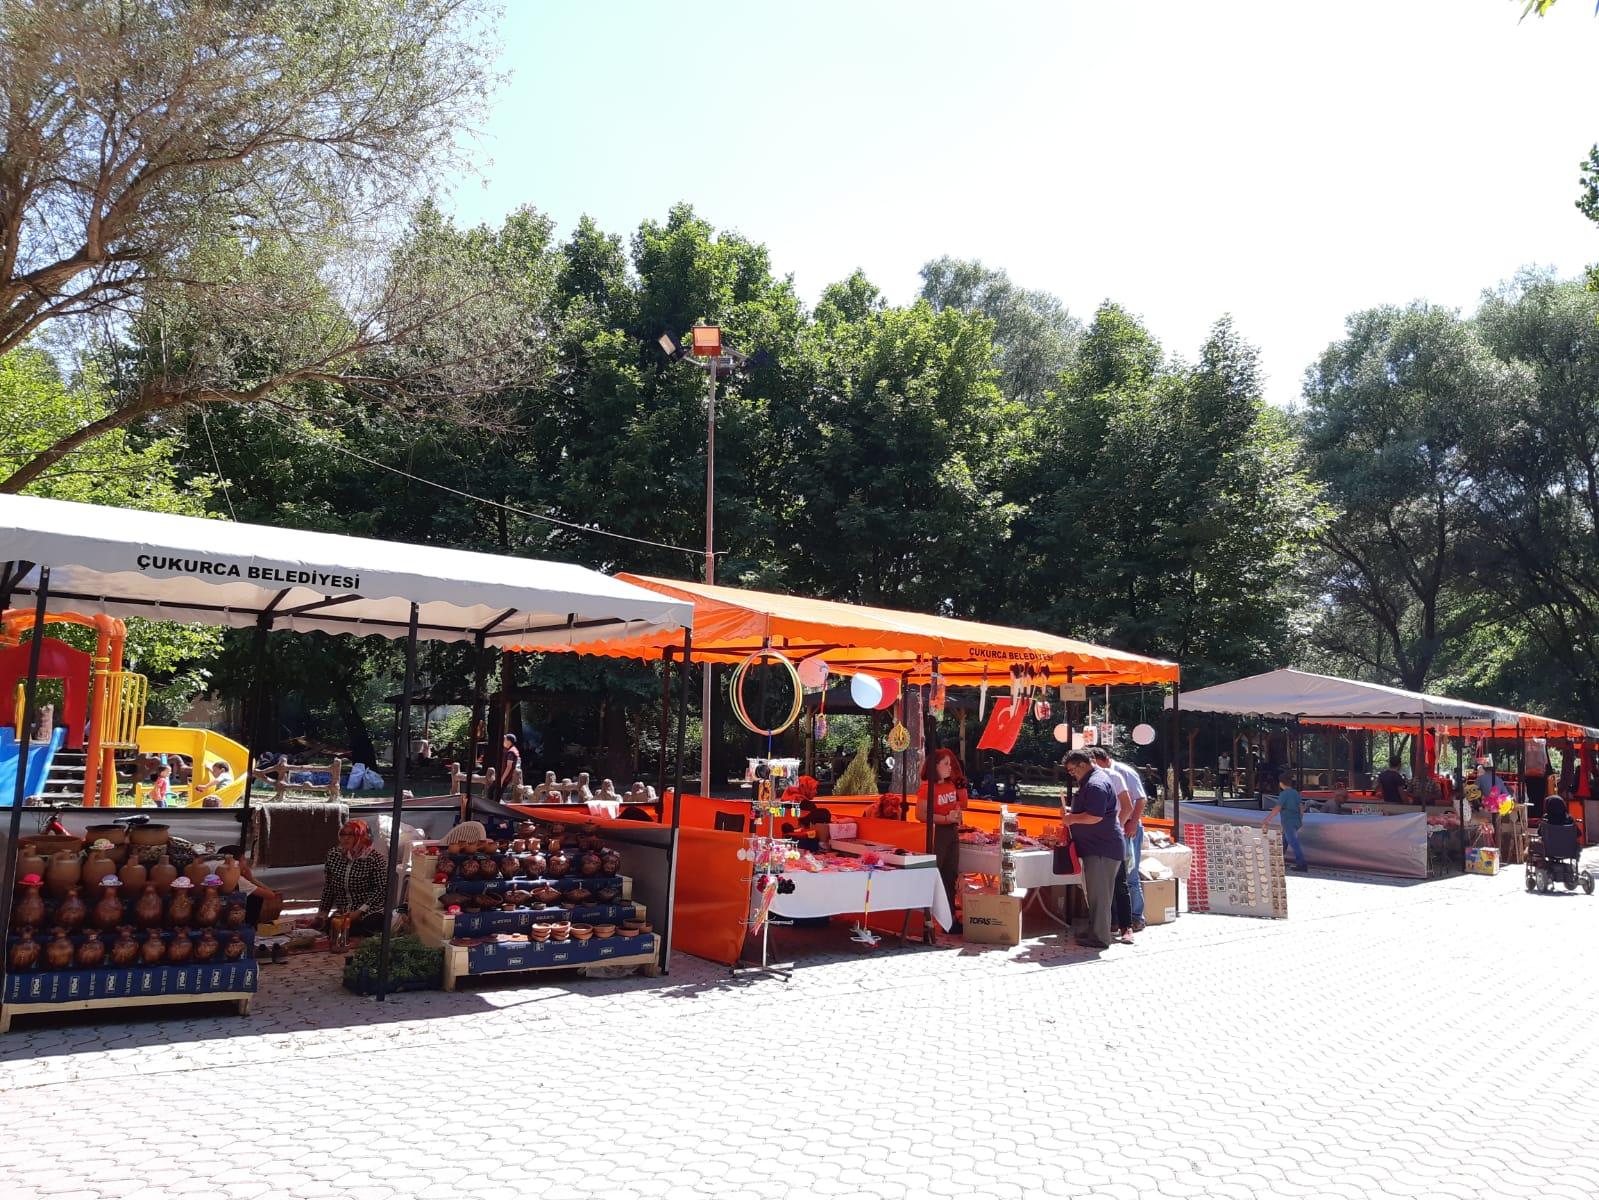 Çukurca Belediyesi Ilıcaksu Sarıkız Mesire Alanı Pazar Yeri Açıldı